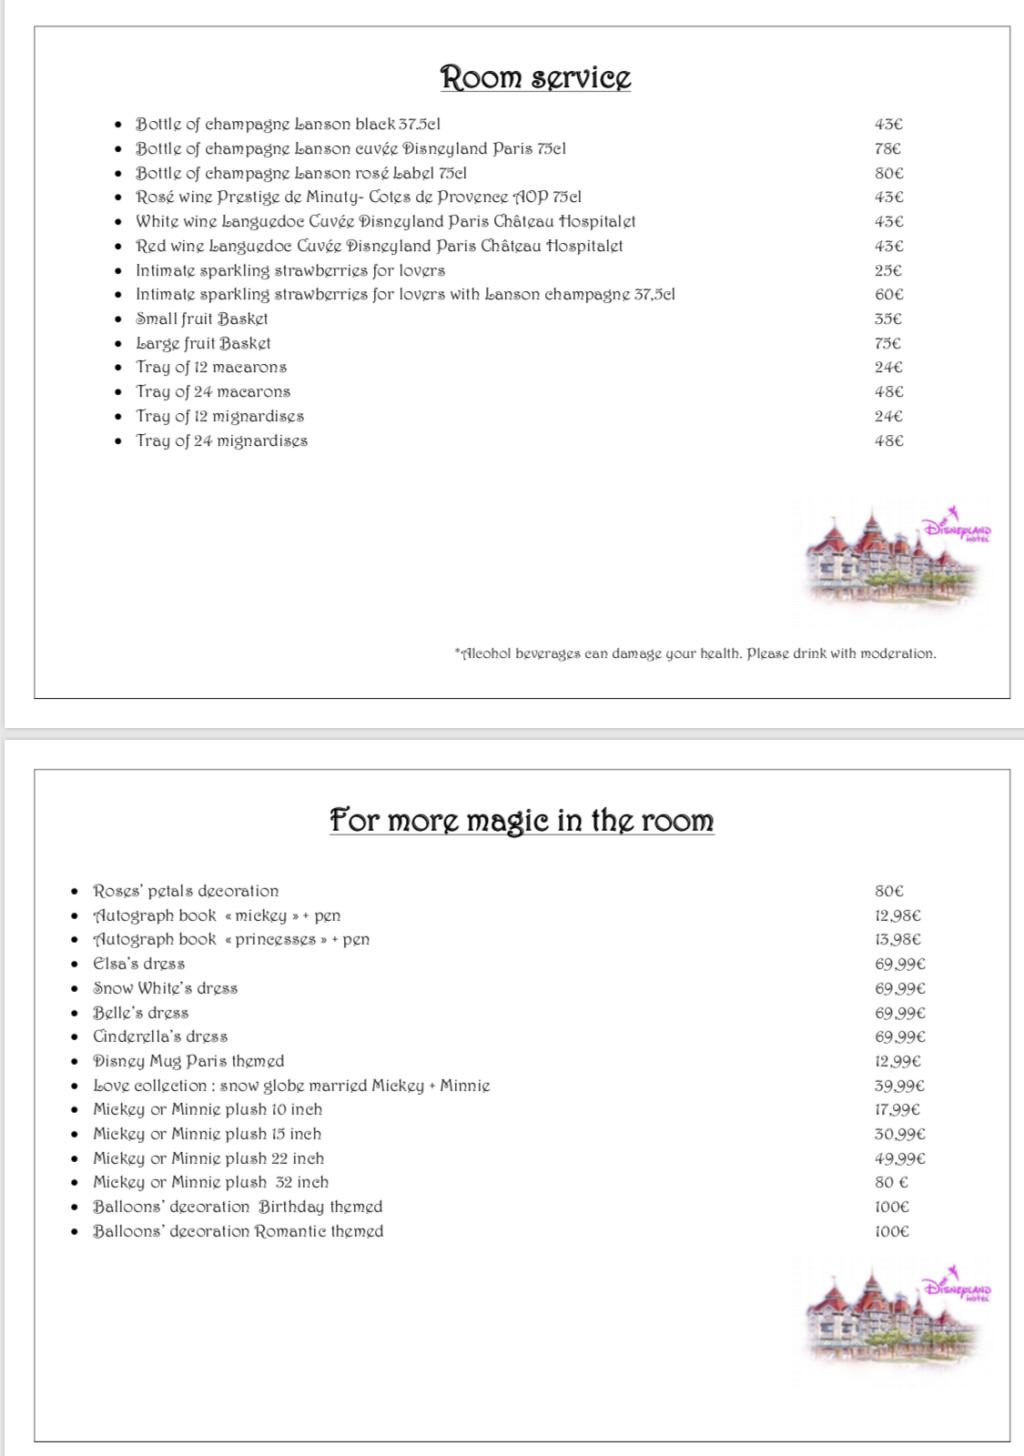 REGALI IN CAMERA - Pagina 2 8b1ae210